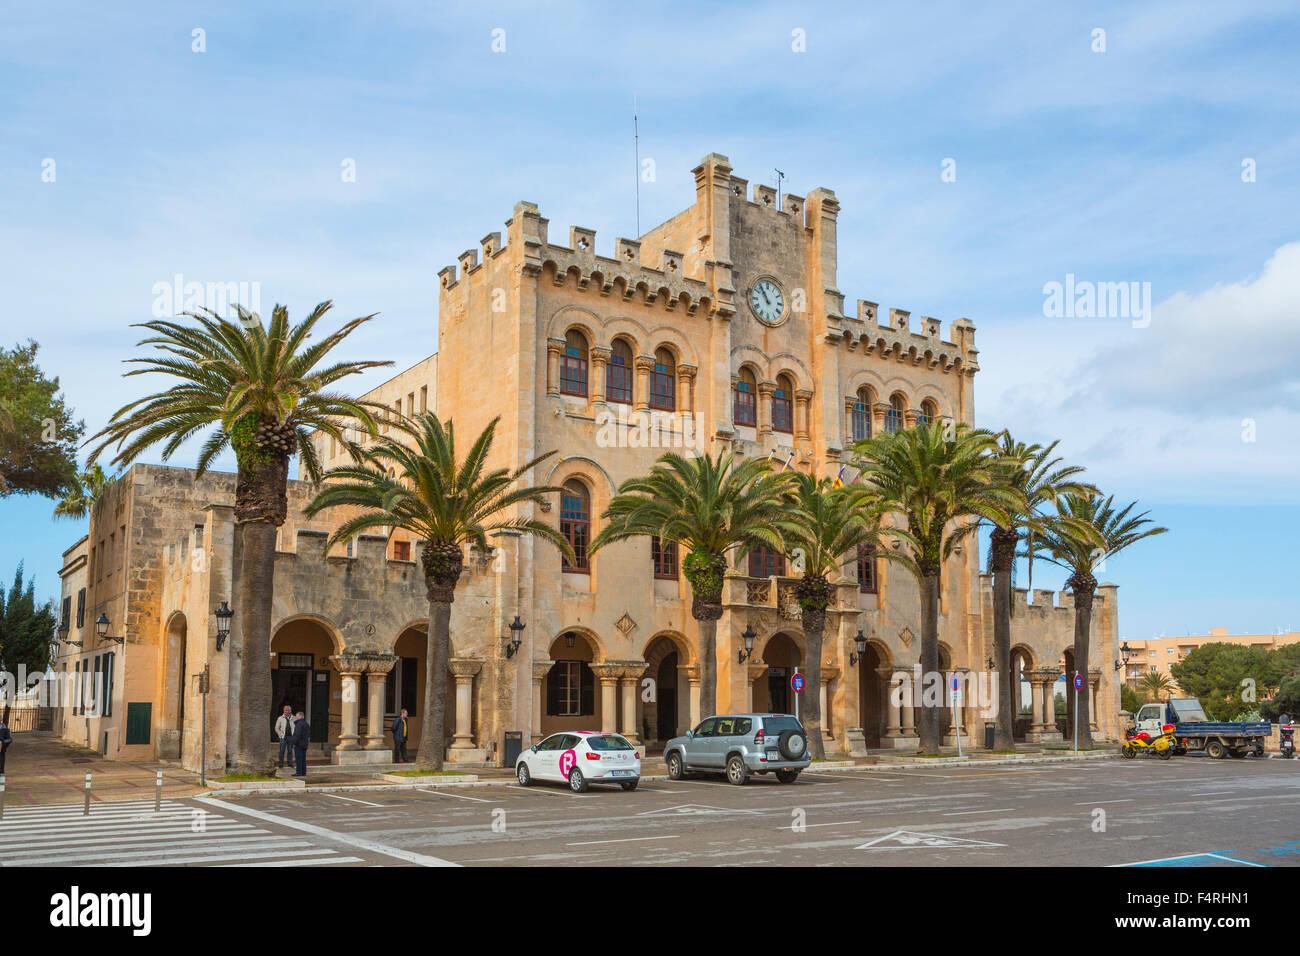 Edificio, Ciutadella, Puerto, Ayuntamiento, Menorca, Islas Baleares, muelle, arquitectura mediterránea, ningún Imagen De Stock